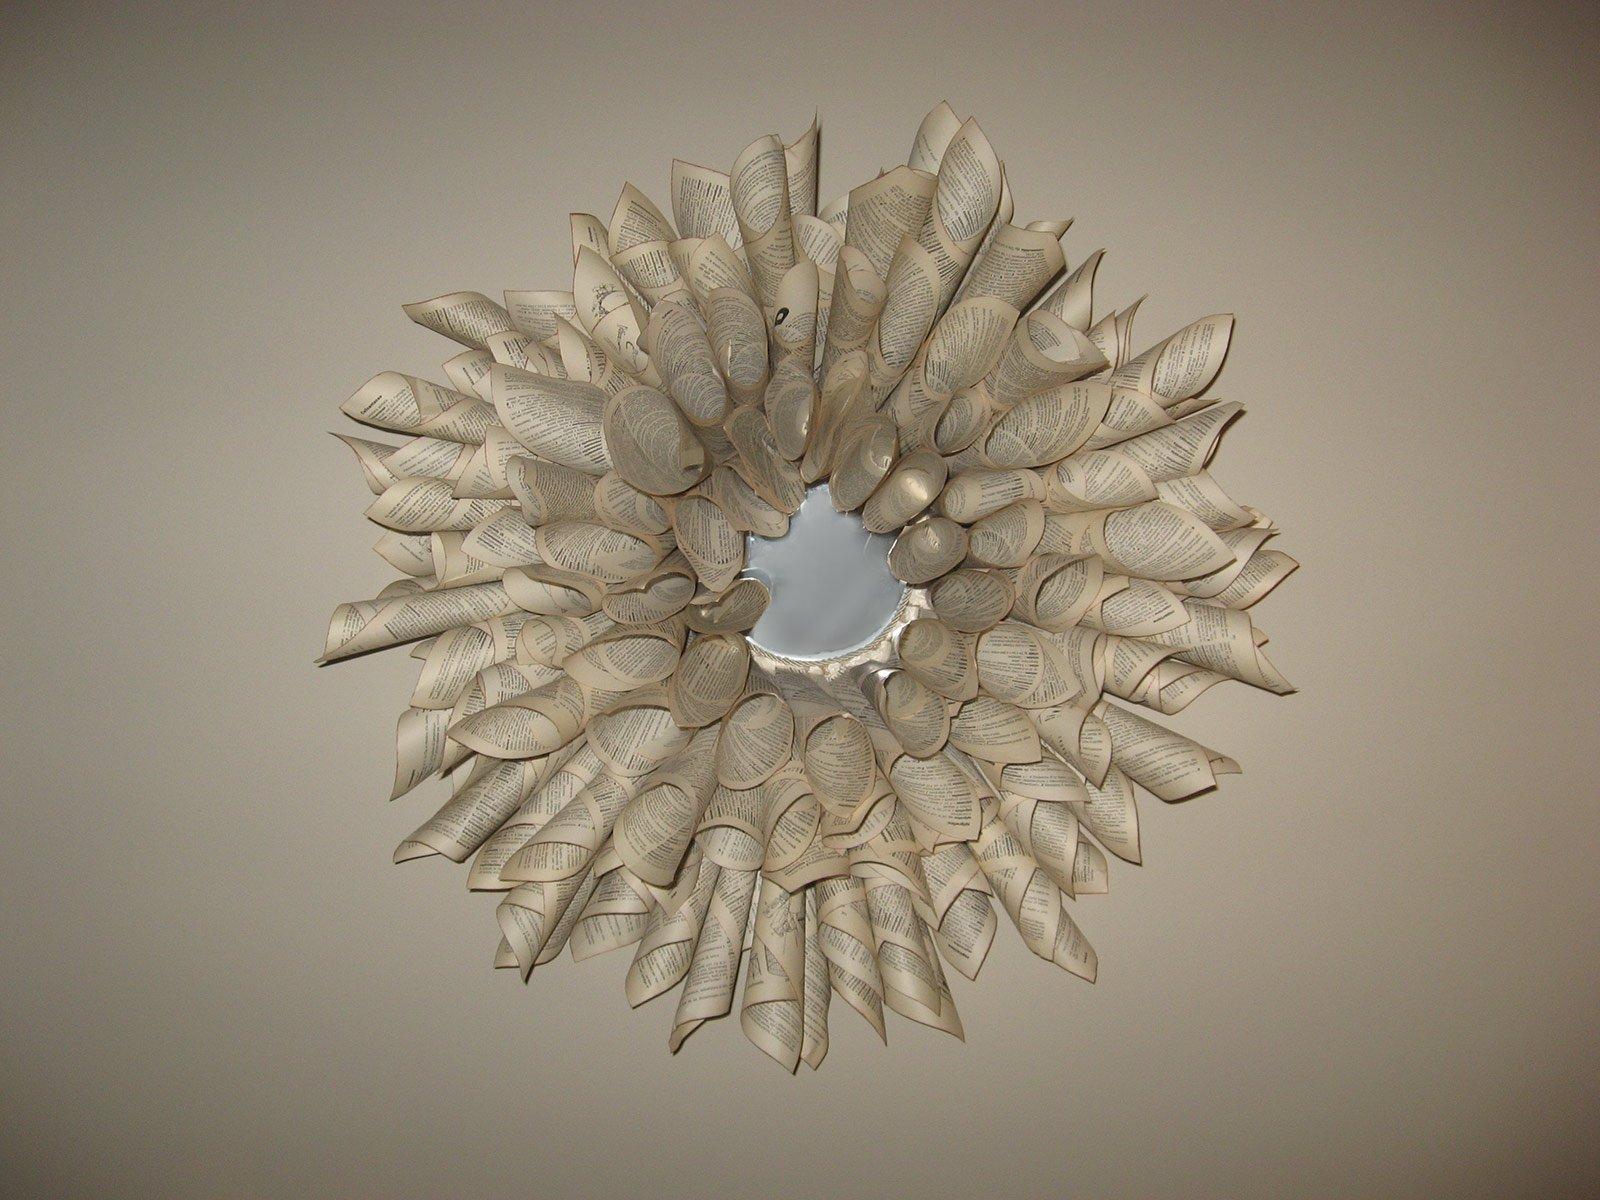 Ghirlanda di carta come cornice o decoro cose di casa - Applique da parete fai da te ...